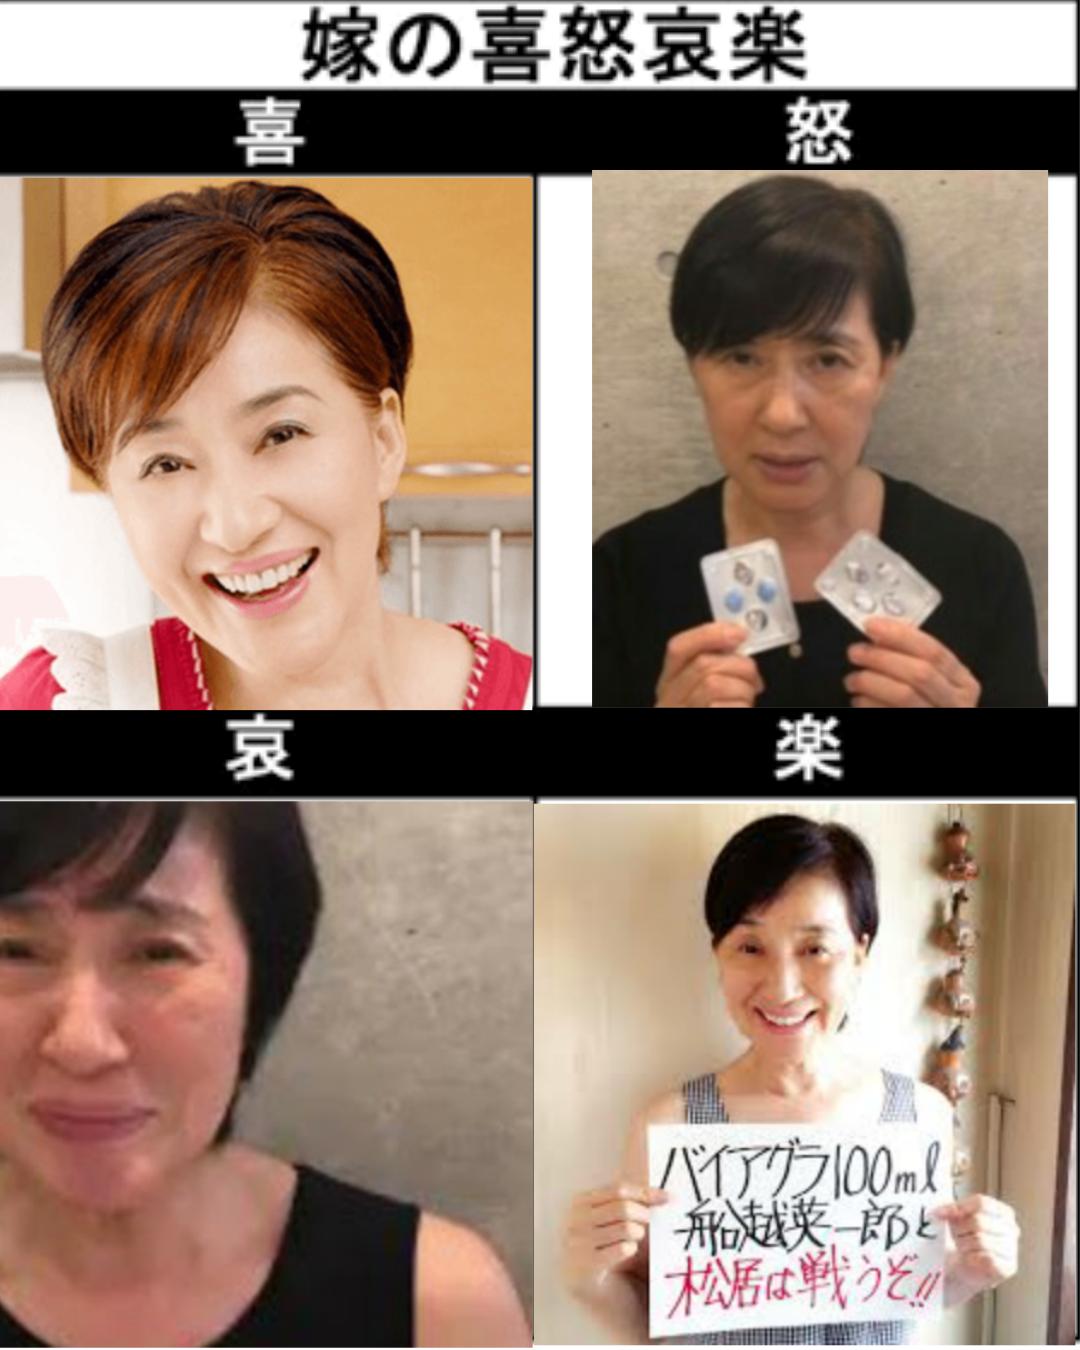 松居一代、怒りのブログ更新「大悪党船越を命懸けで斬る」